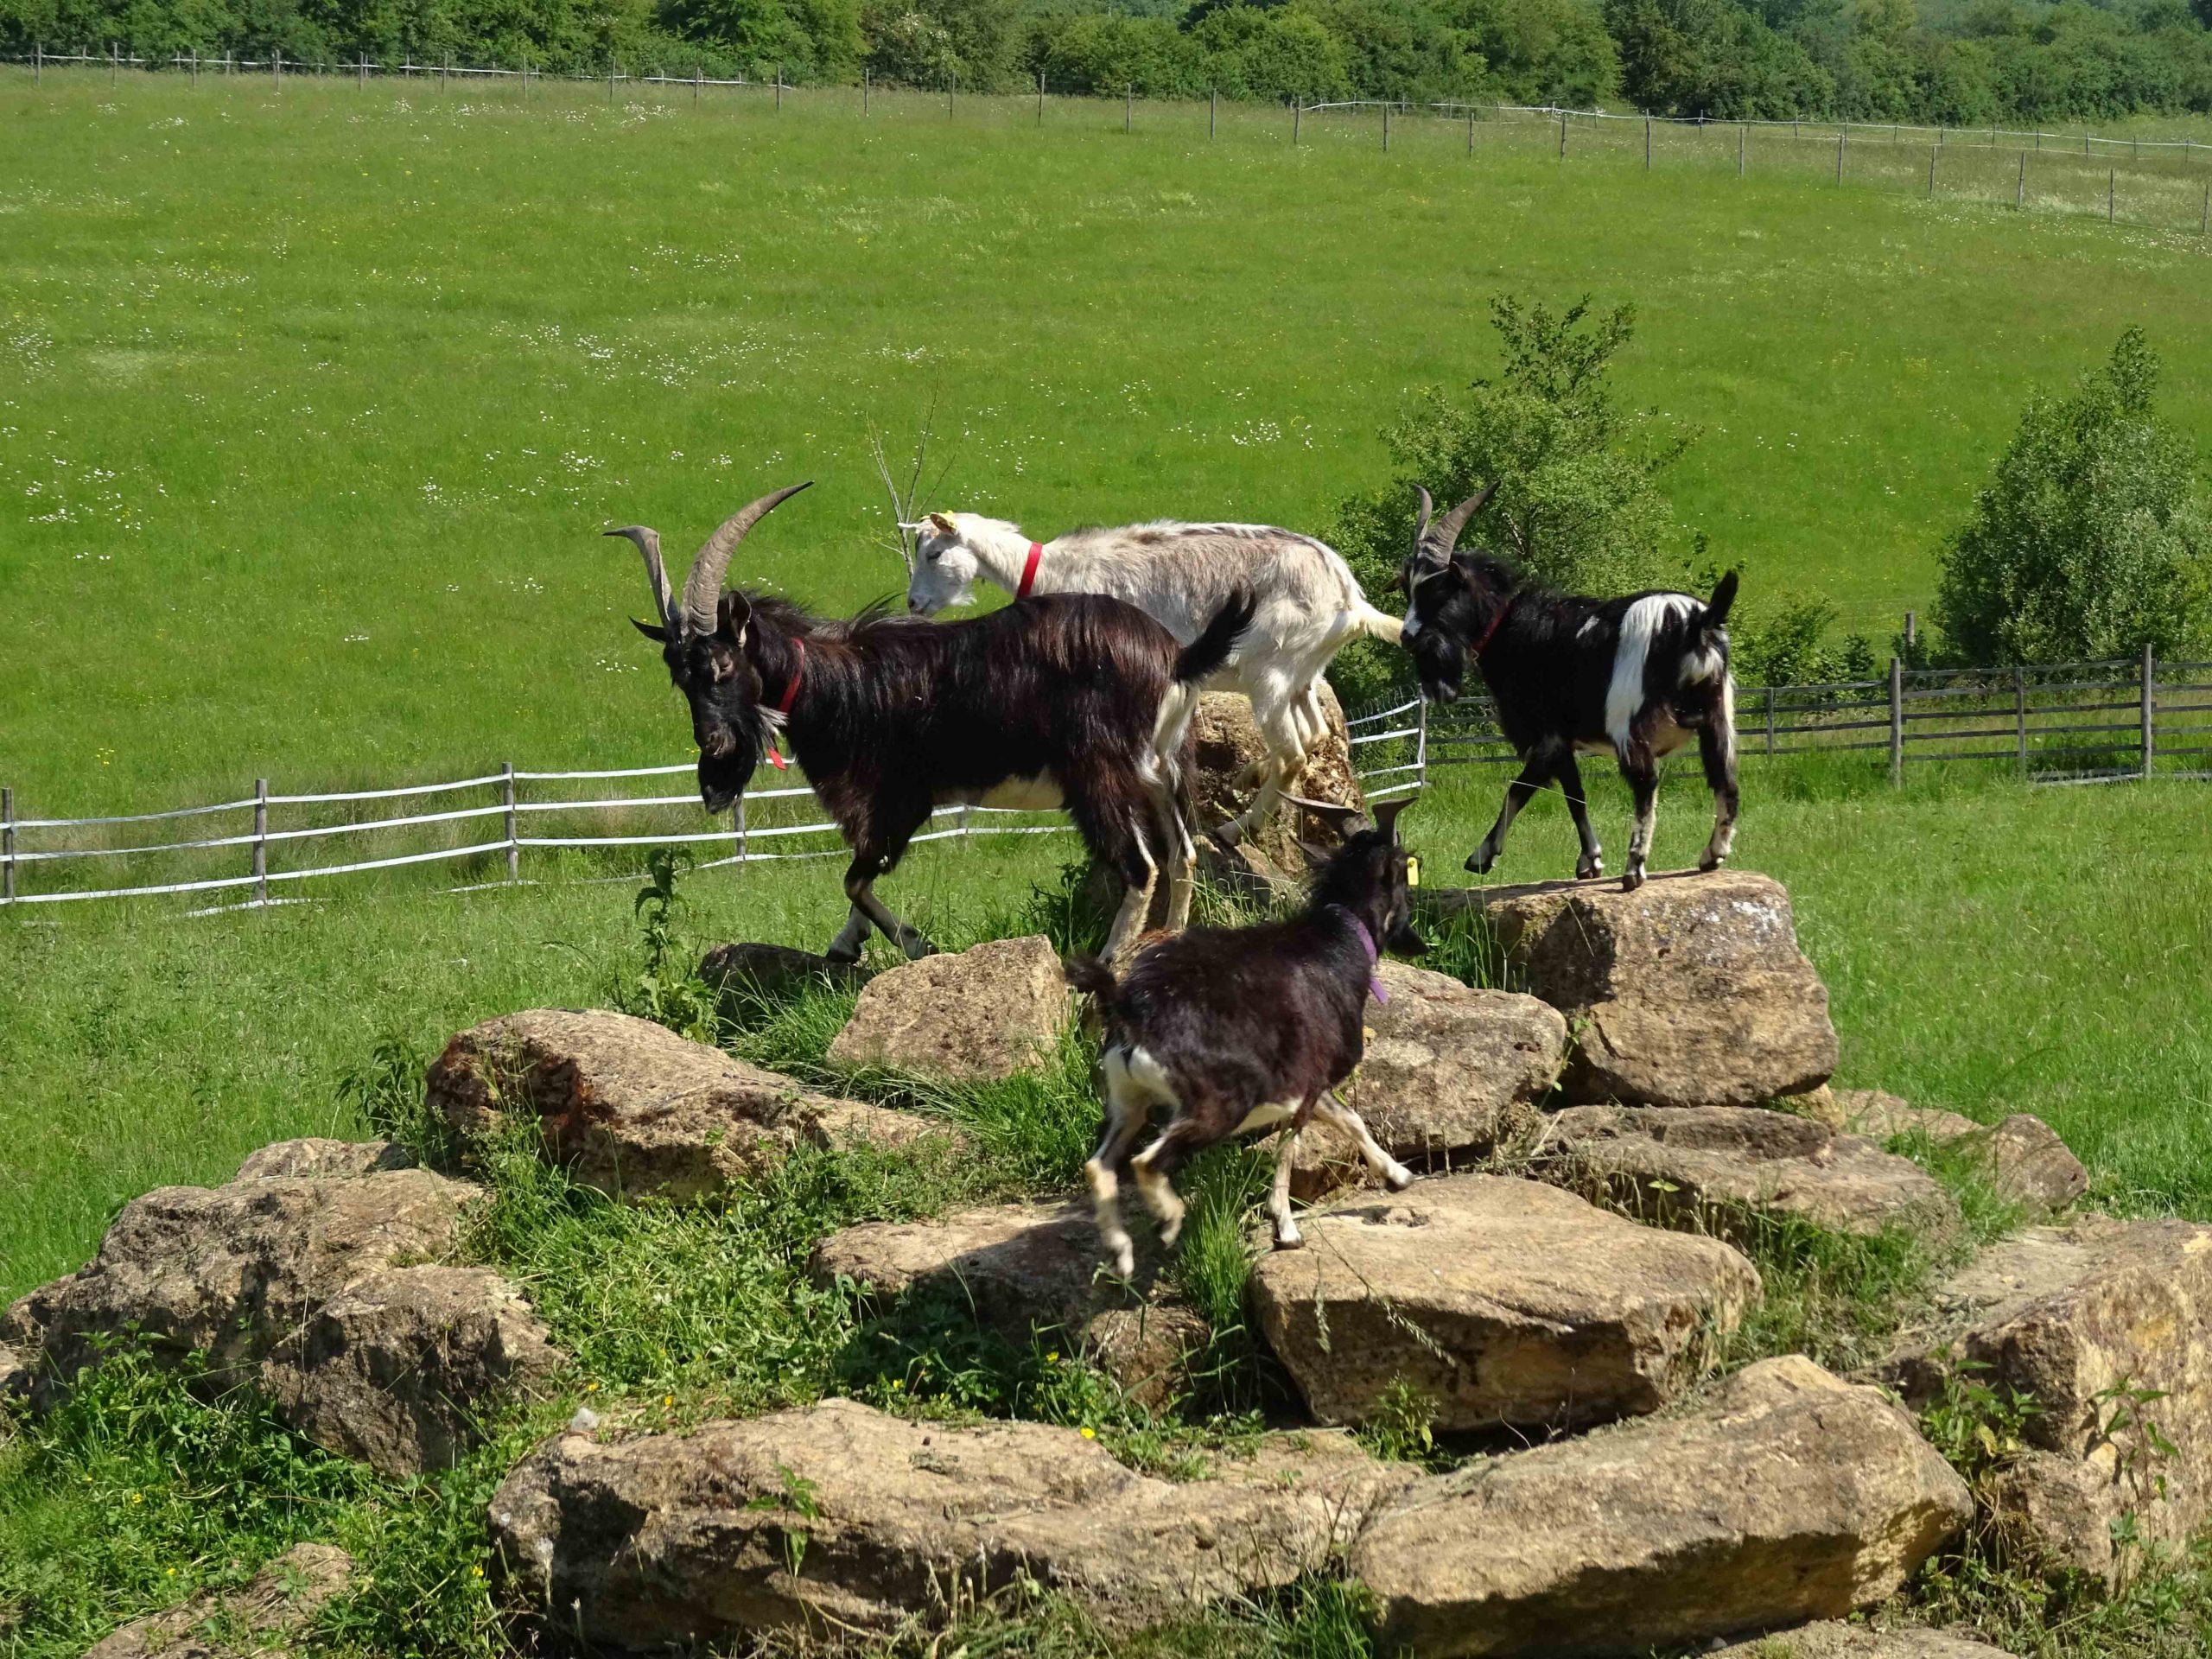 Nos nouvelles chèvres ont rejoint leurs congénères dans les pâturages